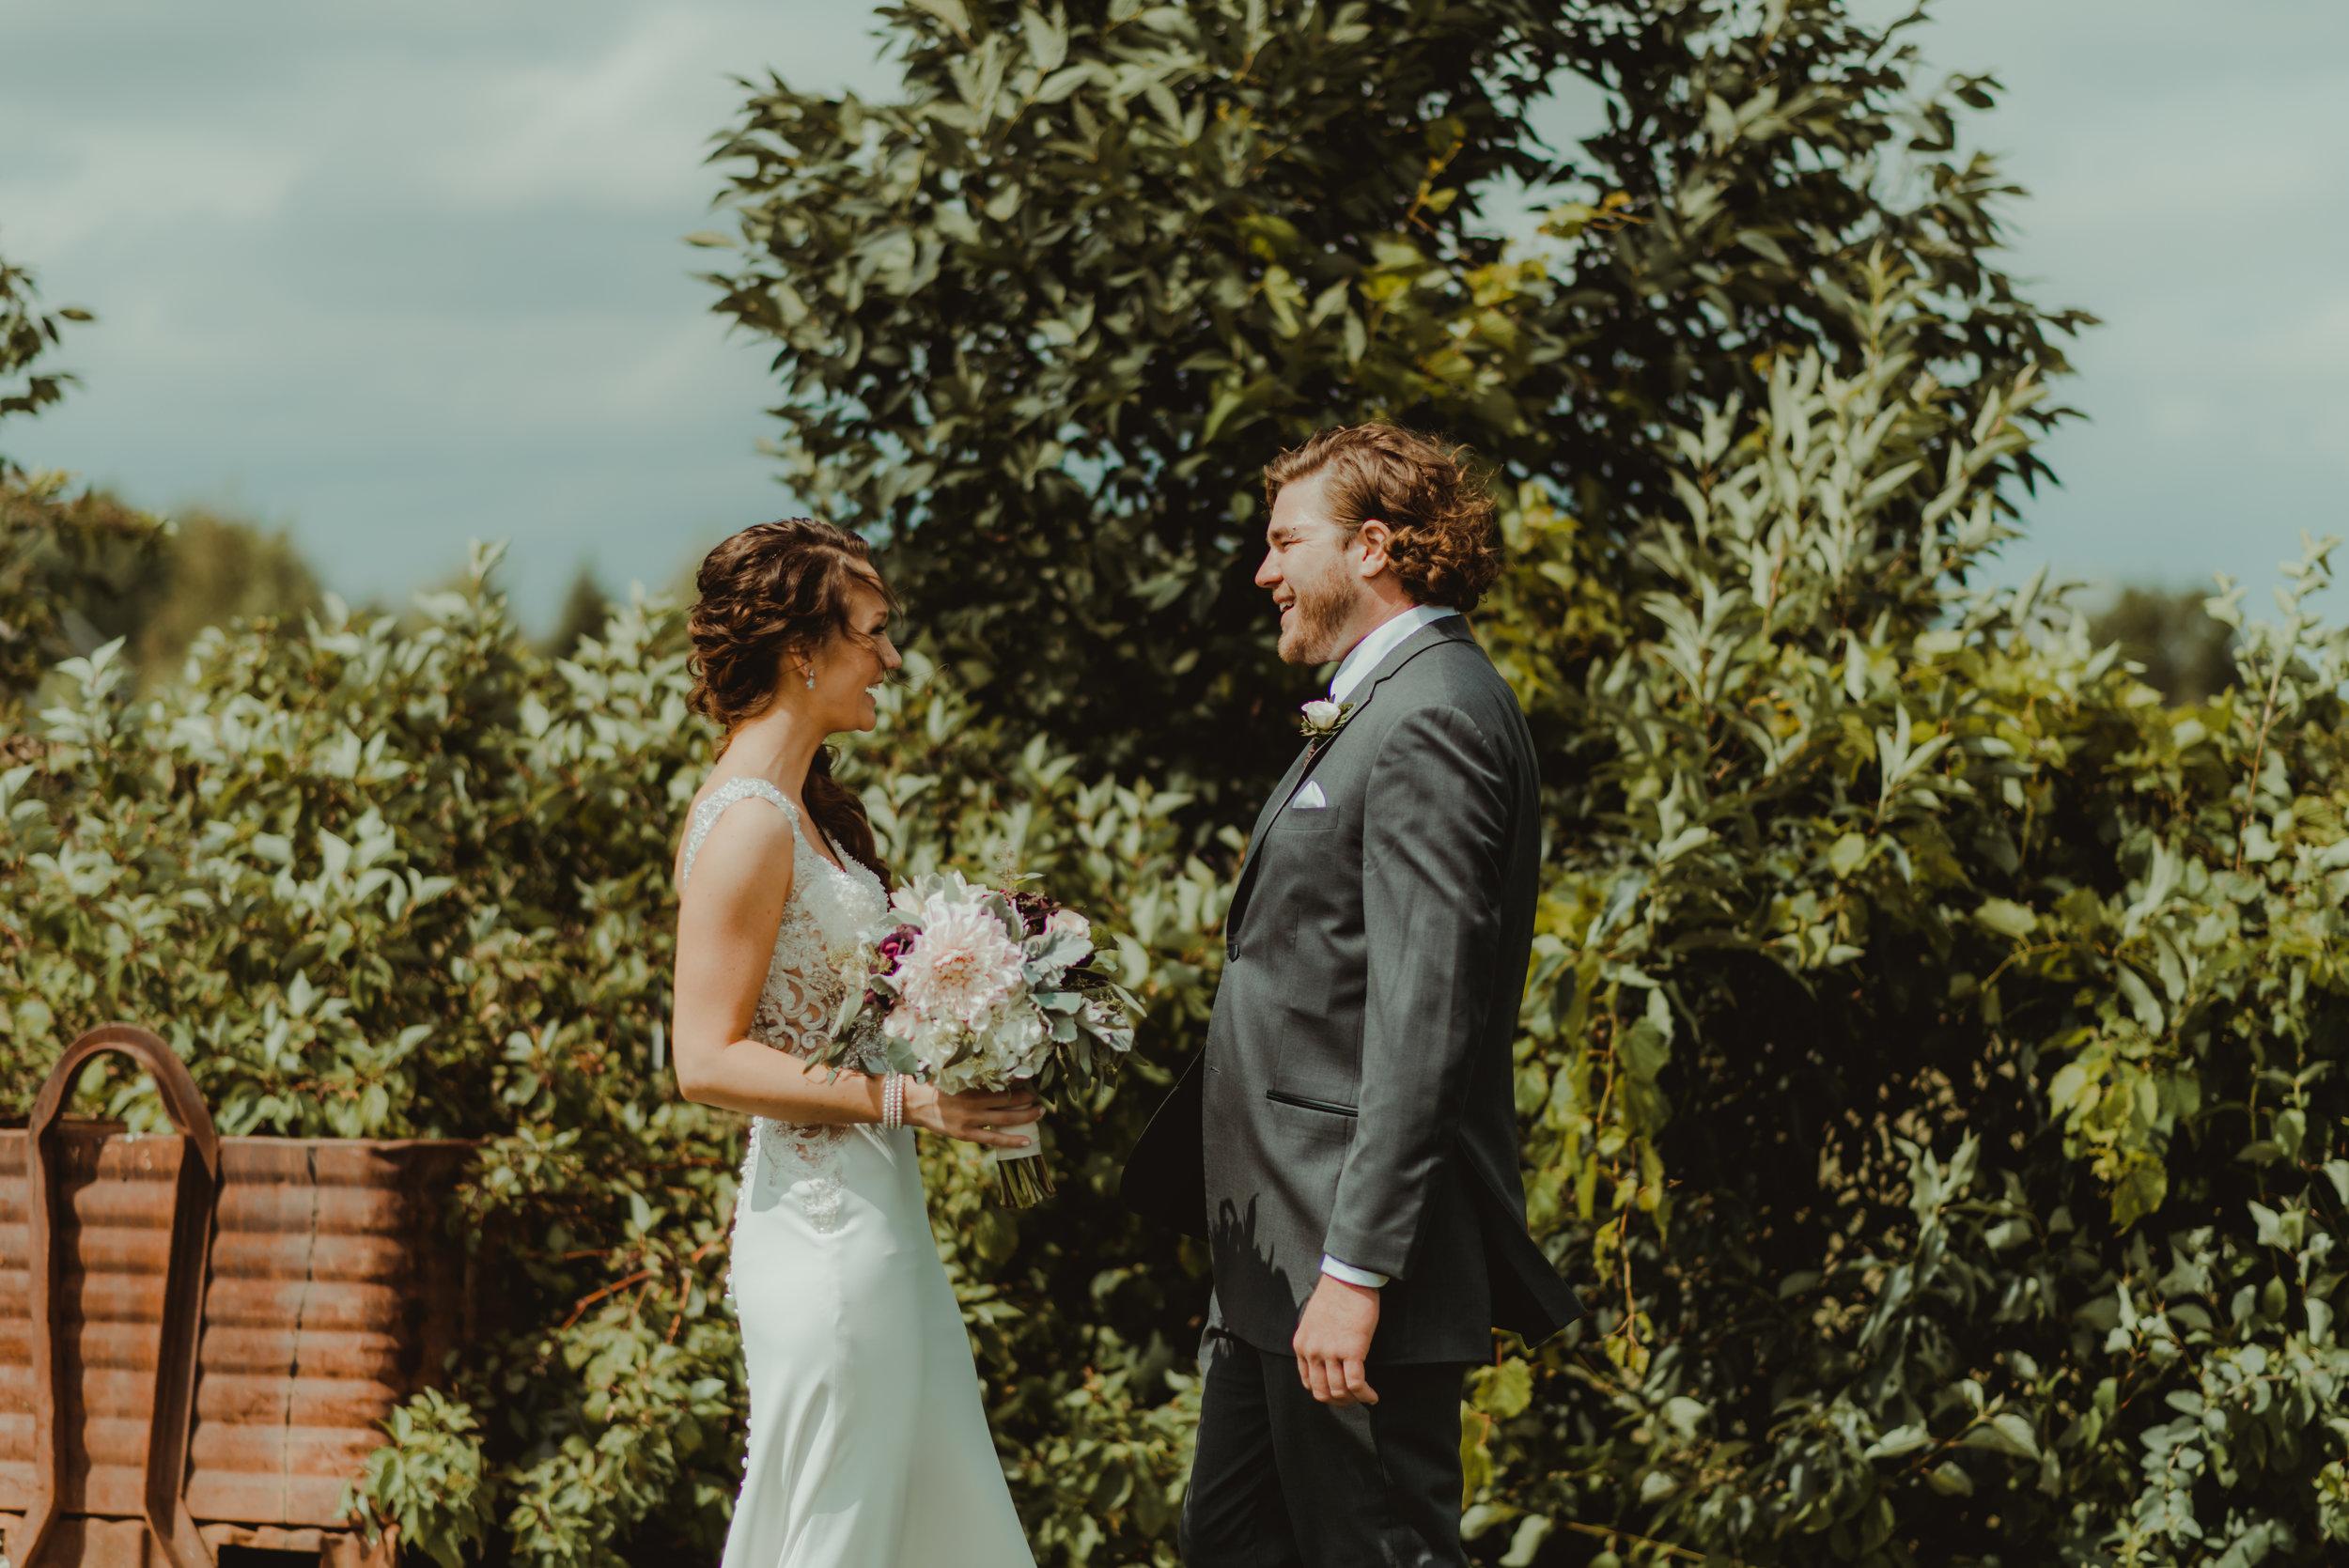 jp_wedding-64.jpg